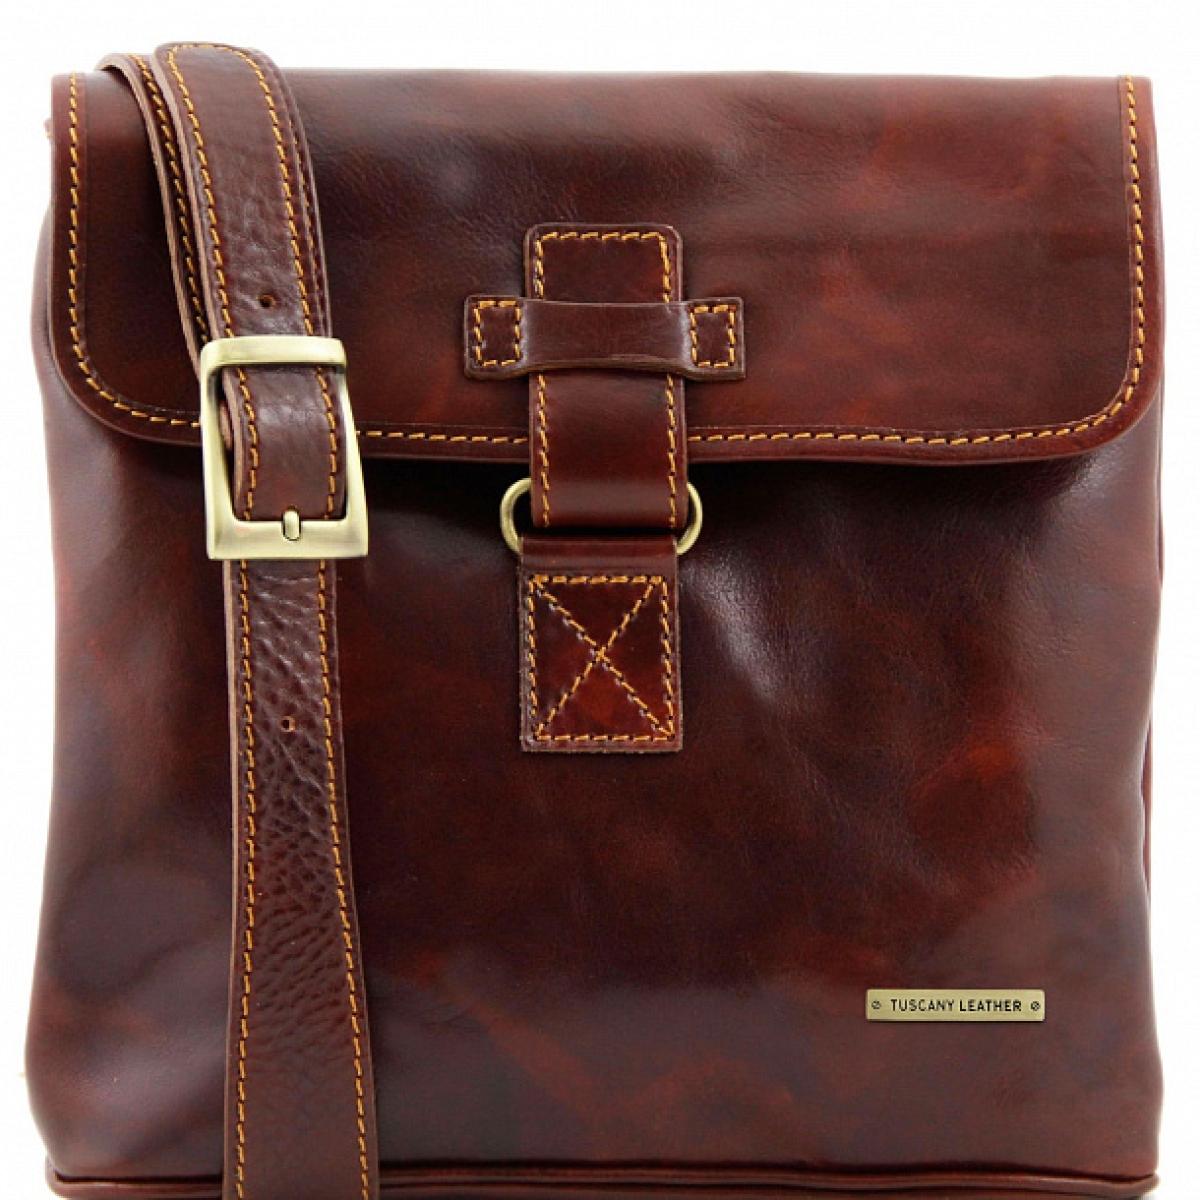 26a3a6ad7b3d Мужская сумка Tuscany Leather ANDREA TL9087, в наличии - купить в ...